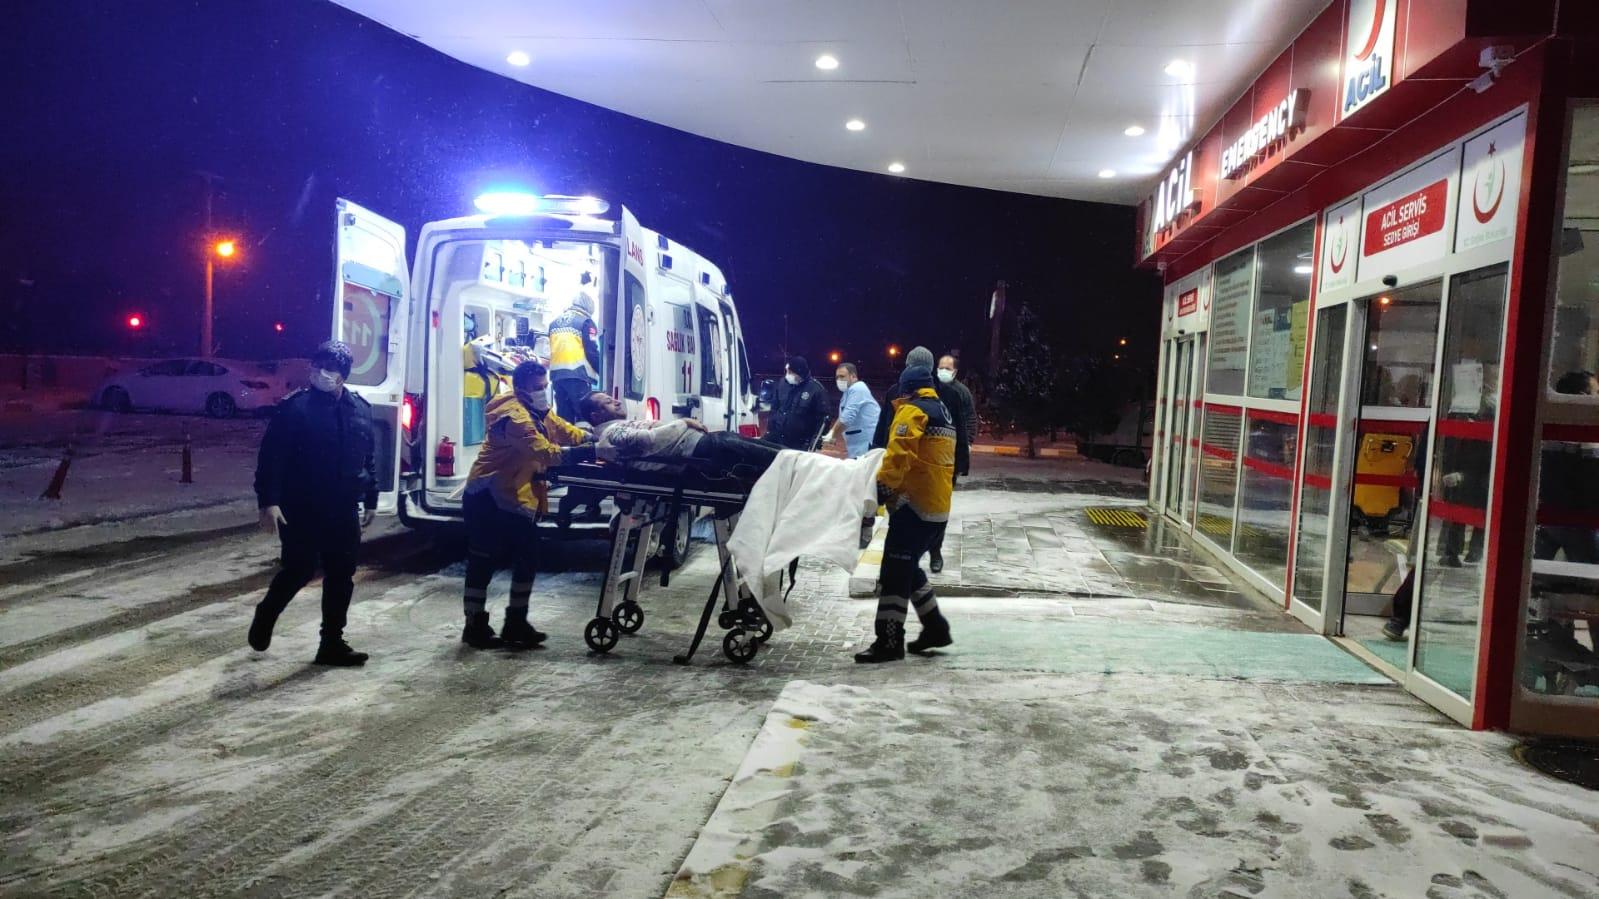 Konya'da feci kaza! Yolcu otobüsü şarampole devrildi: 5 ölü, 38 yaralı